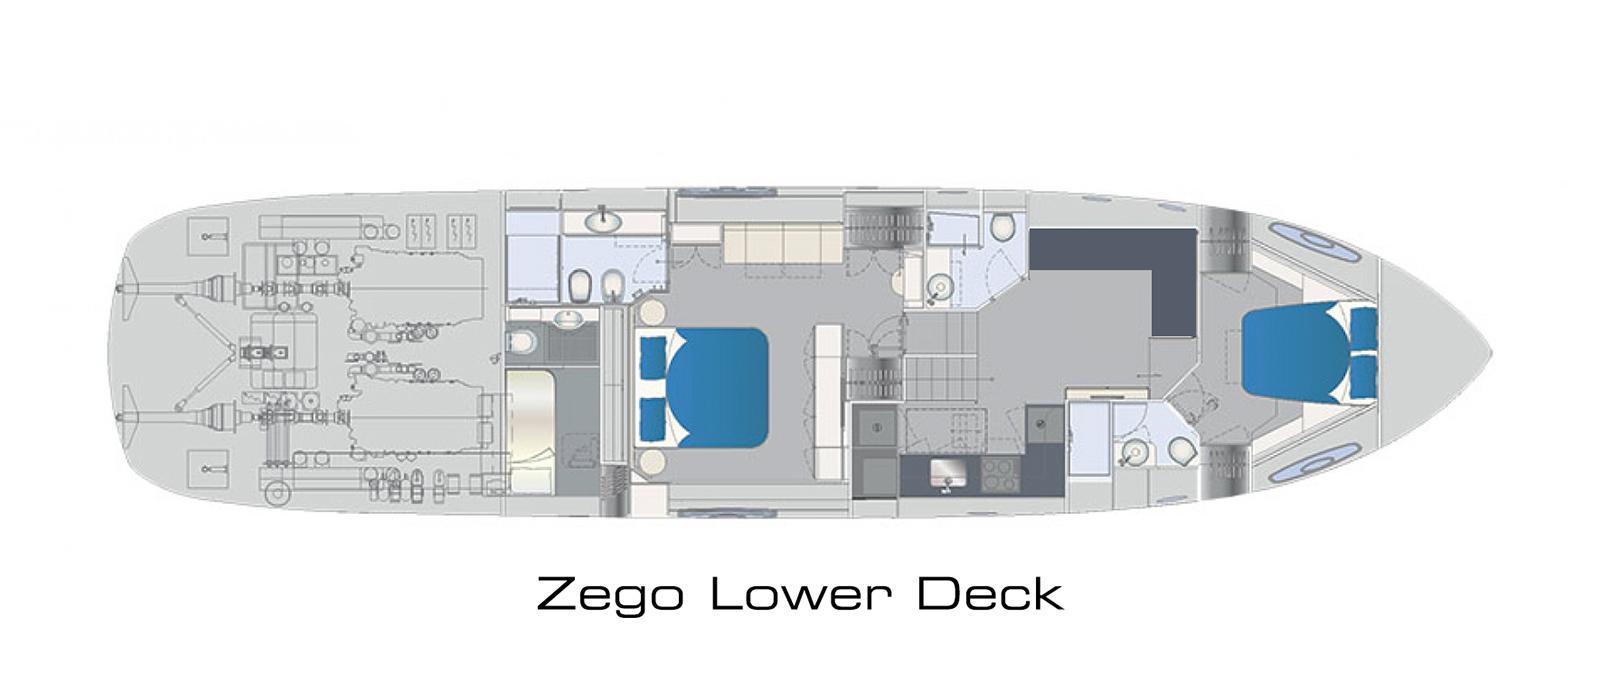 Pershing 70 Lower Deck